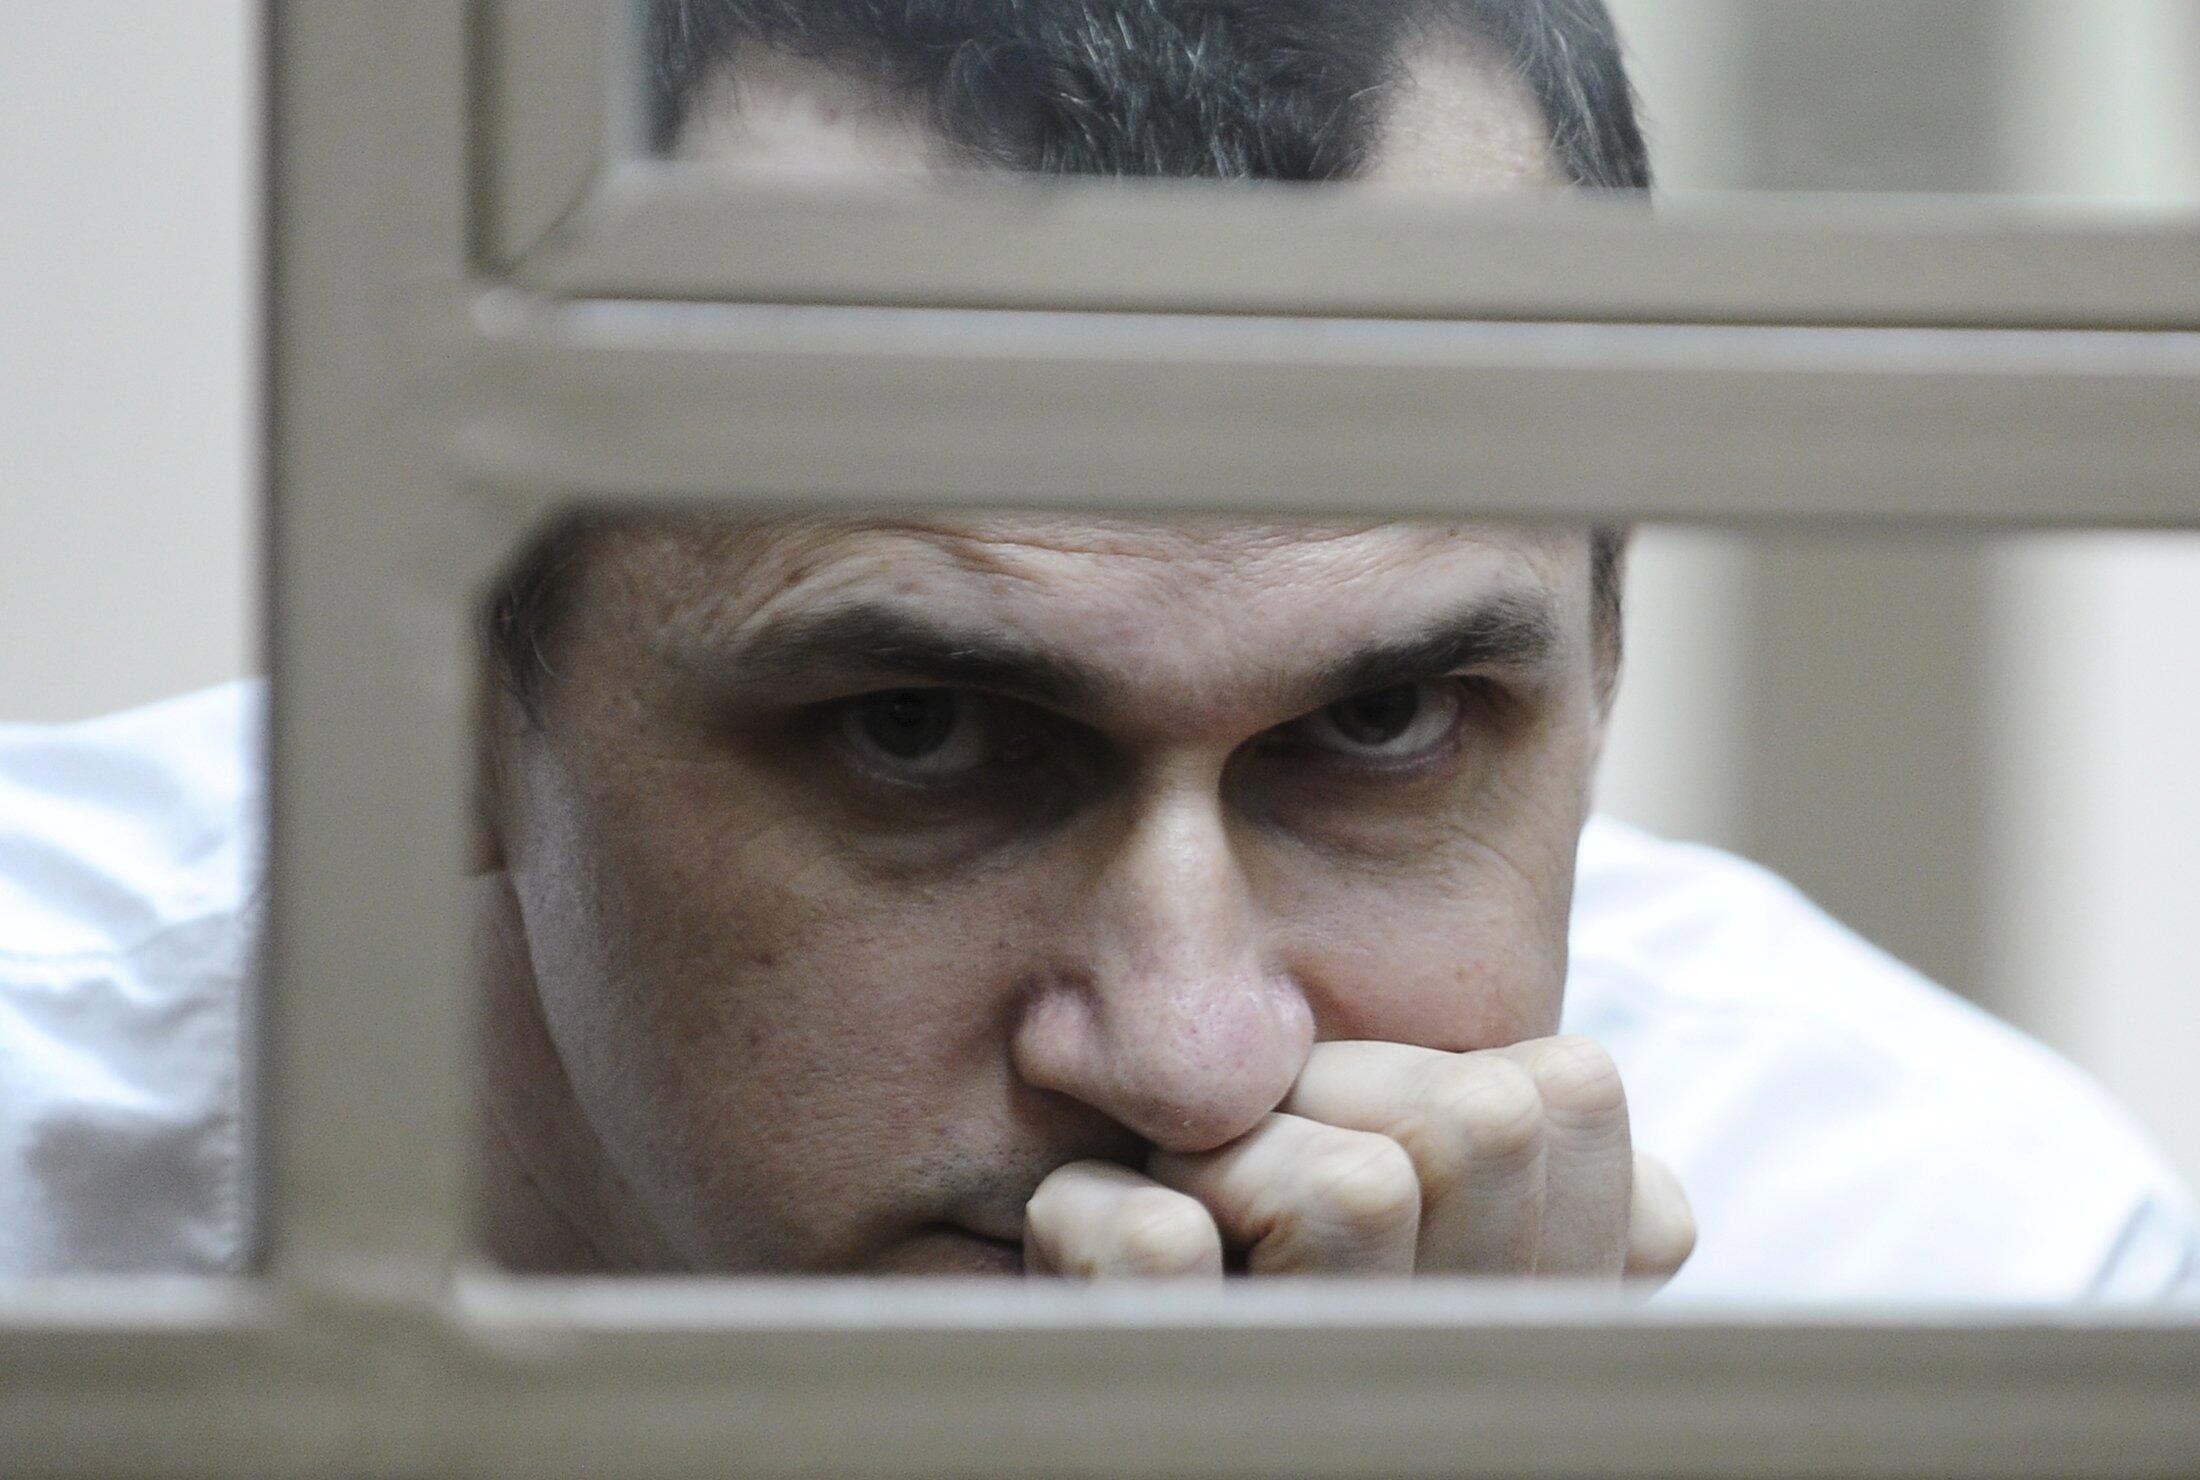 14 мая украинский режиссер Олег Сенцов объявил голодовку, требуя освобождения из российских тюрем политических заключенных.